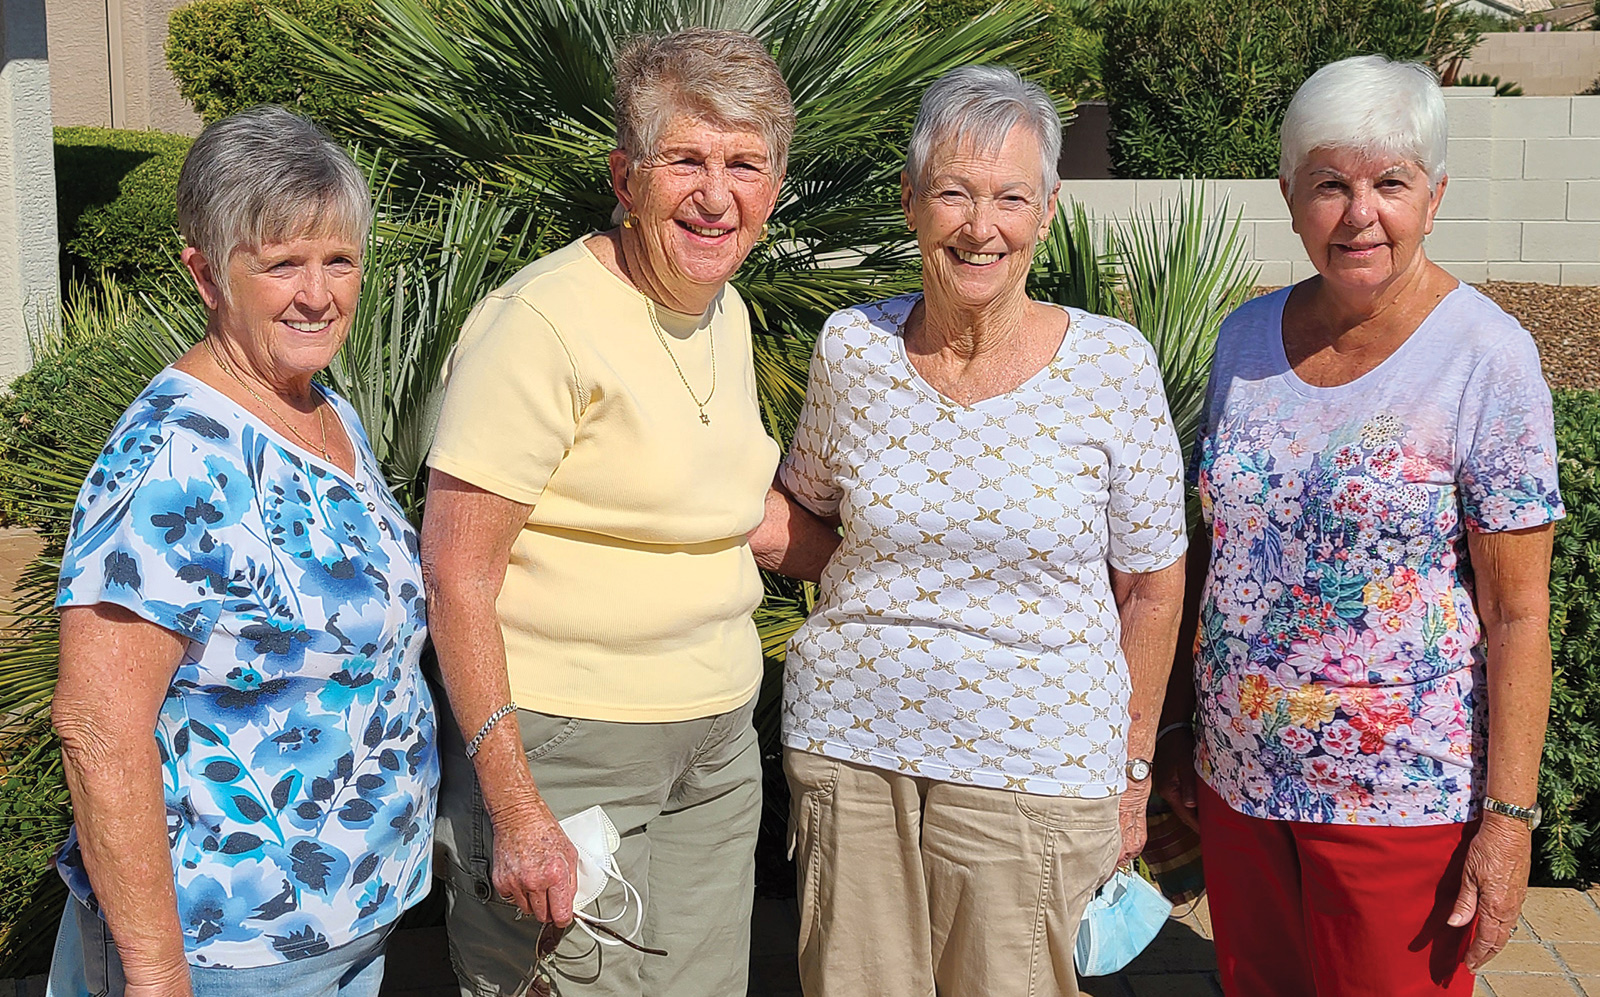 Merna Oakley, Esta Goldstein, Danna Koelling, and Peggy Ogier